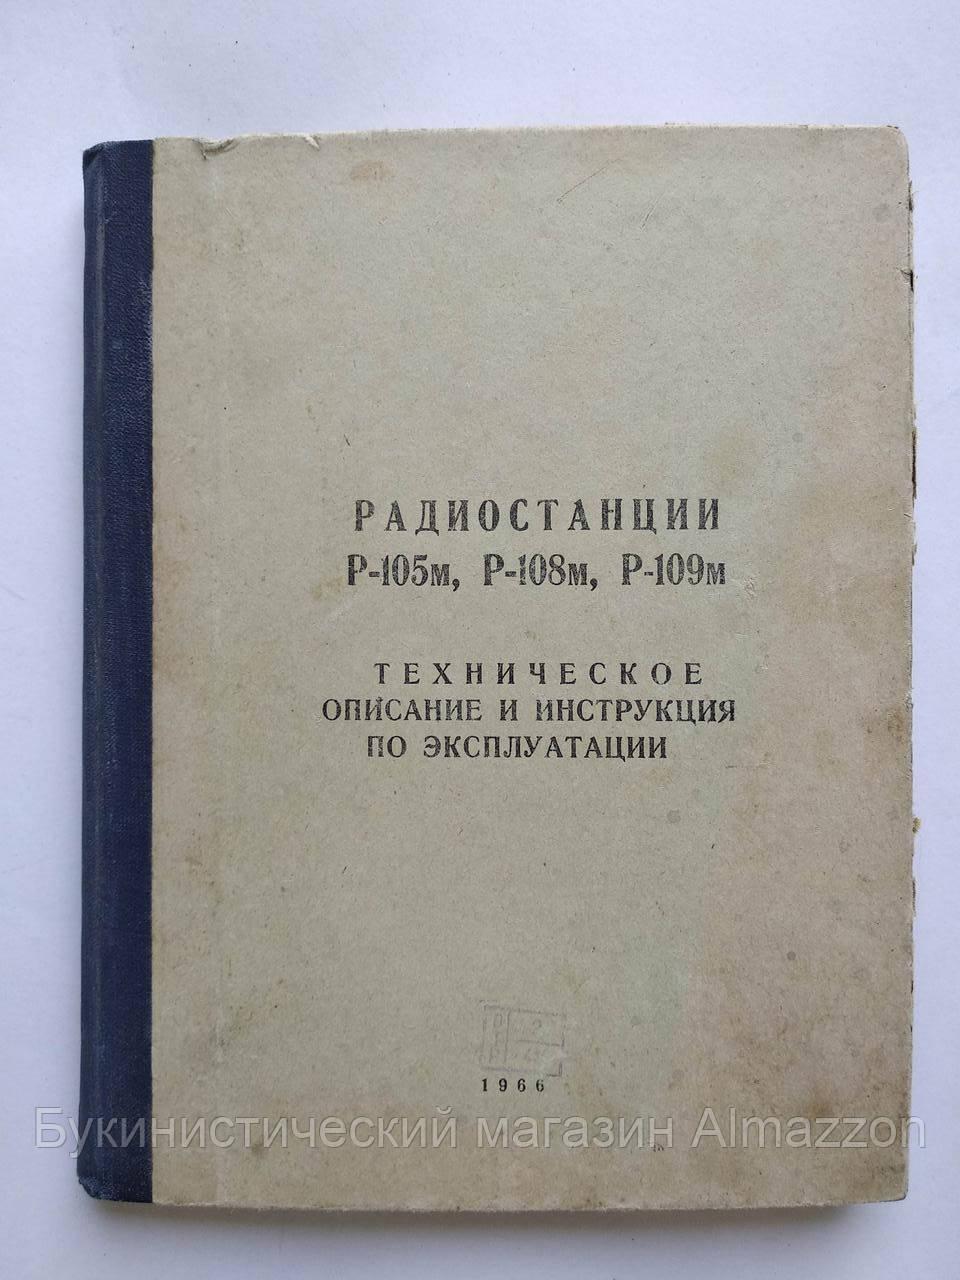 Радиостанции Р-105М, Р-108М, Р-109М Техническое описание и инструкция по эксплуатации 1966 год